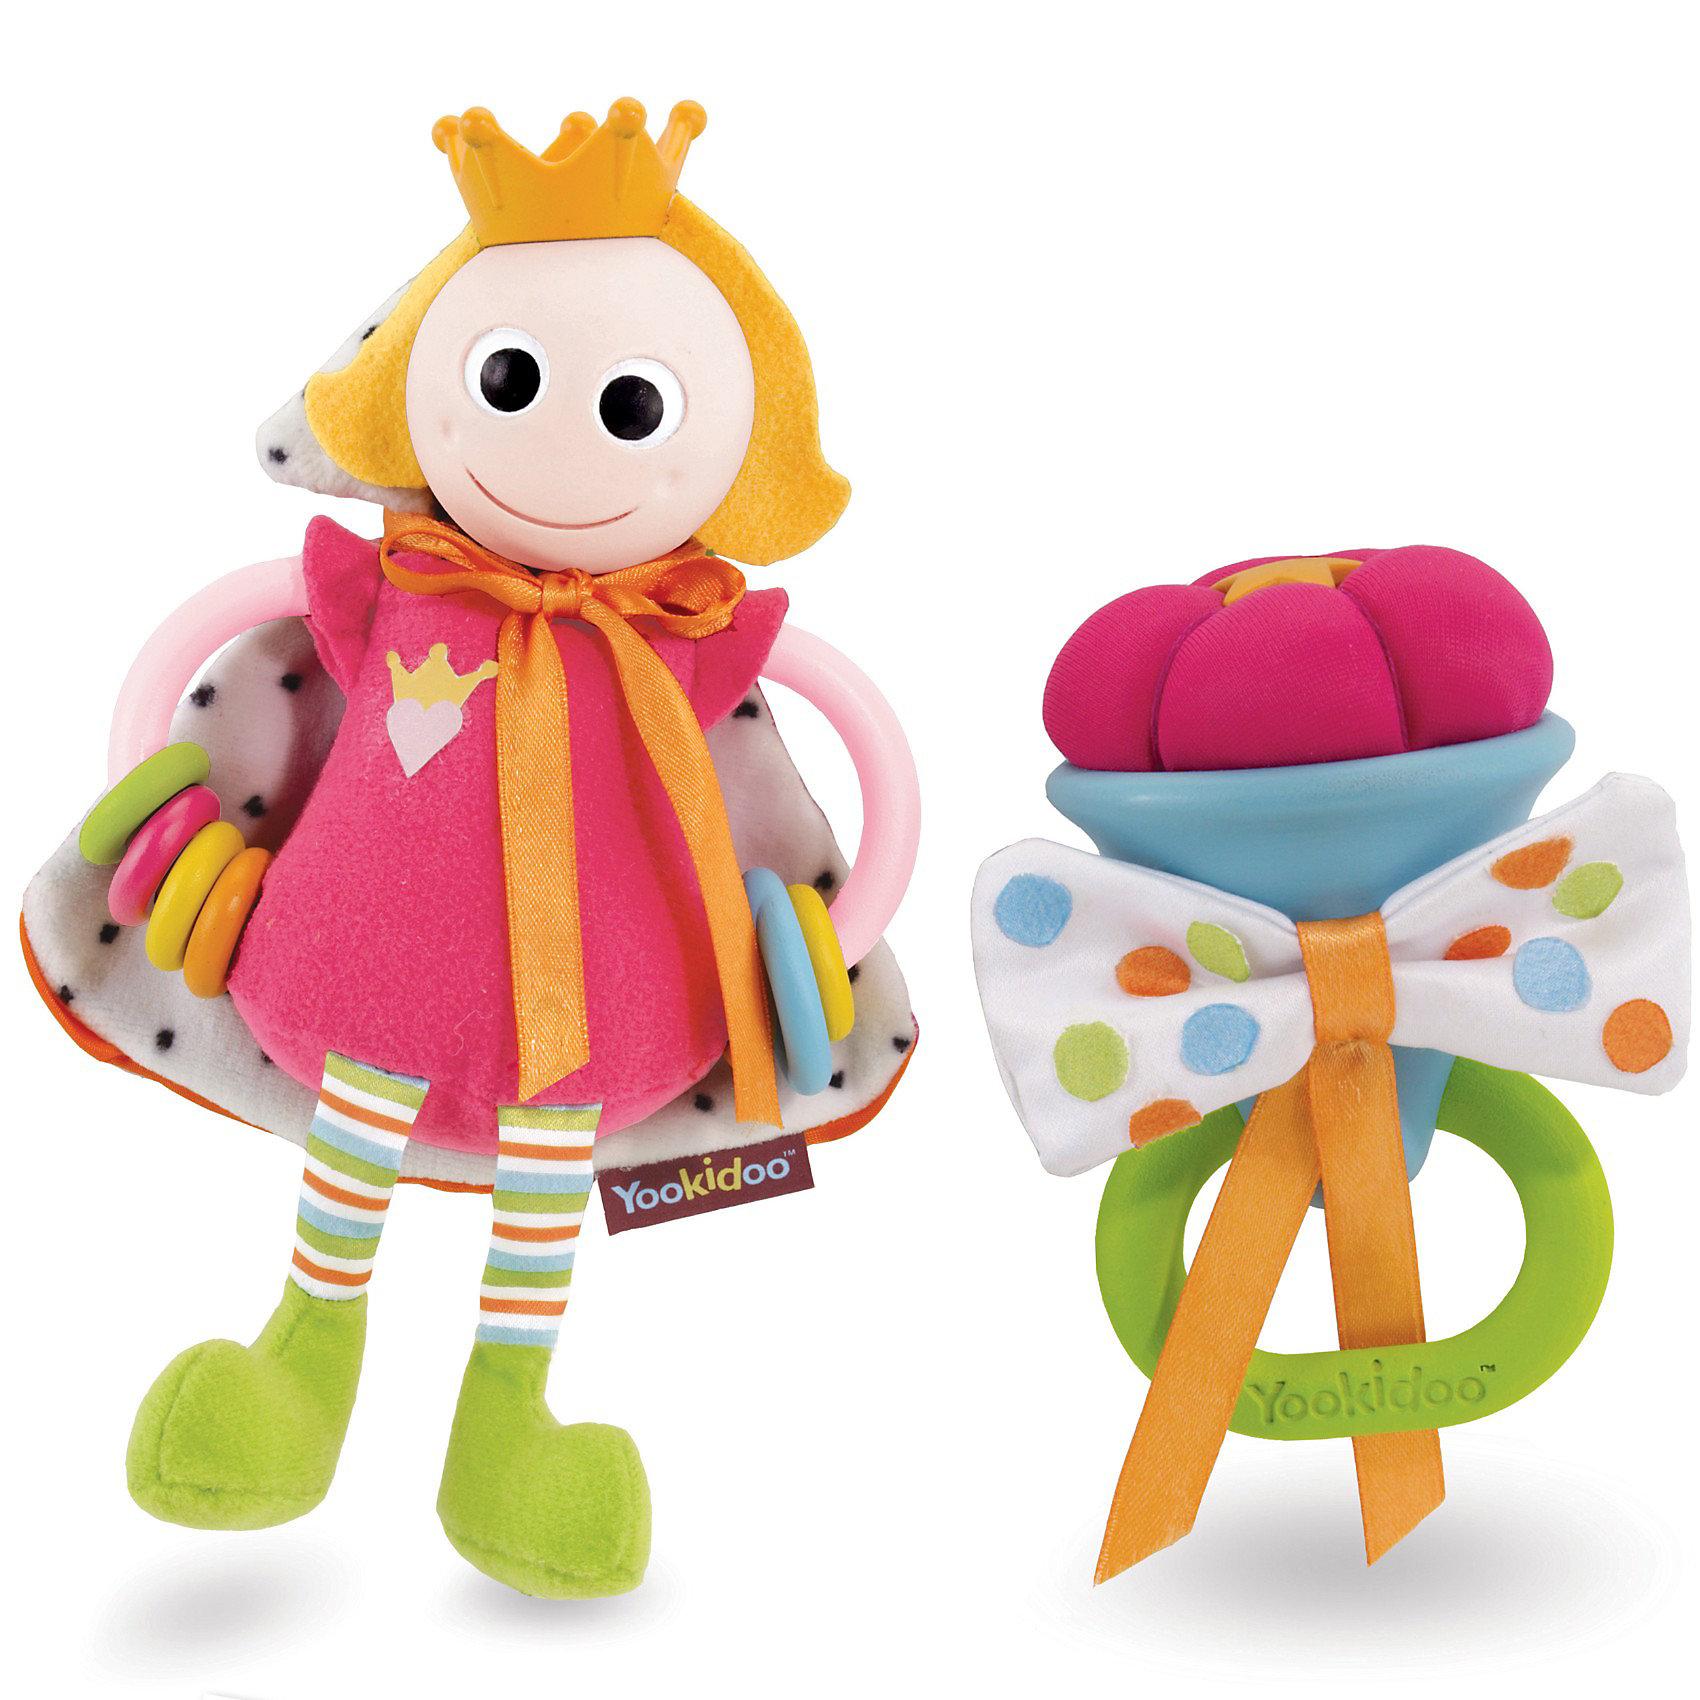 Yookidoo ПринцессаПогремушки<br>Yookidoo Принцесса – веселая игрушка-погремушка для вашего малыша, выполненная из яркого и мягкого материала.<br><br>У красавицы Принцессы пластиковая голова и корона, ручки, на которые одето по несколько цветных колечек, мантия с шуршащим наполнителем. Мантия из ткани разной фактуры, на атласной завязочке. Забавные мягкие ножки. Есть петелька для подвешивания <br><br>Скипетр  выполнен из мягкого пластика, его можно использовать как прорезыватель для зубов малыша. Бантик из атласной ткани с шуршащим наполнителем. <br><br>Дополнительная информация:<br><br>- В комплект входят: принцесса, скипетр, колечко для подвешивания. <br>- Материал: пластмасса, текстиль. <br>- Размеры: 19.6 x 8.5 x 20.5 <br><br>Погремушка великолепно развивает работу кисти и укрепляет мускулатуру рук. Мягкий материал и мелкие детали способствуют развитию мелкой моторики пальчиков рук и тактильных ощущений малыша, стимулирует развитие органов зрения, слуха, способствует развитию координации взгляда и движения рук, чтобы достать до предмета,  создает условия для эмоционального и социального развития.<br><br>Ширина мм: 196<br>Глубина мм: 85<br>Высота мм: 205<br>Вес г: 233<br>Возраст от месяцев: 3<br>Возраст до месяцев: 24<br>Пол: Унисекс<br>Возраст: Детский<br>SKU: 2442792